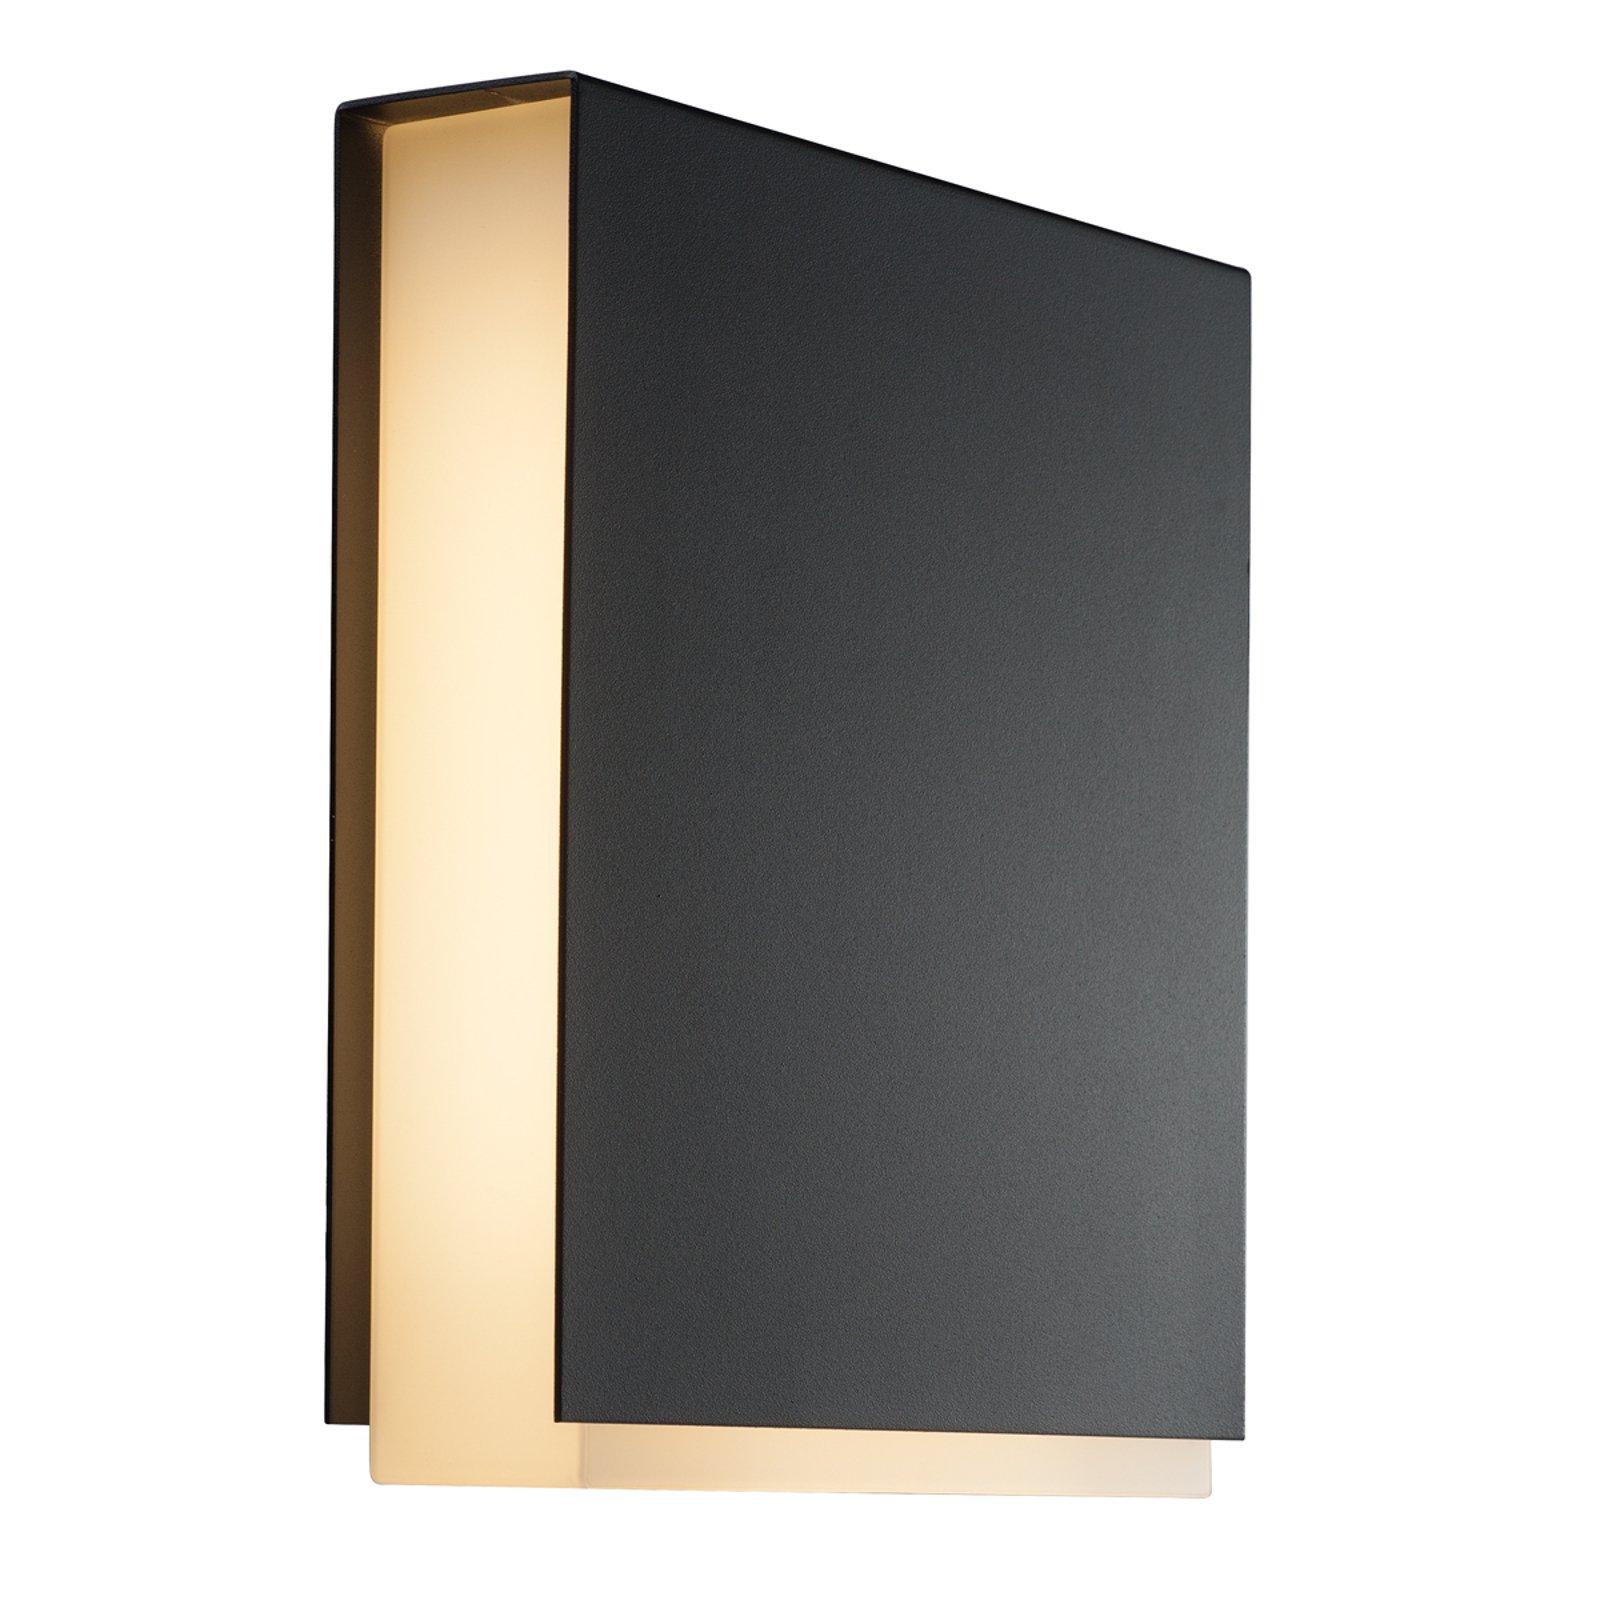 Tamar Clips LED utendørs vegglampe